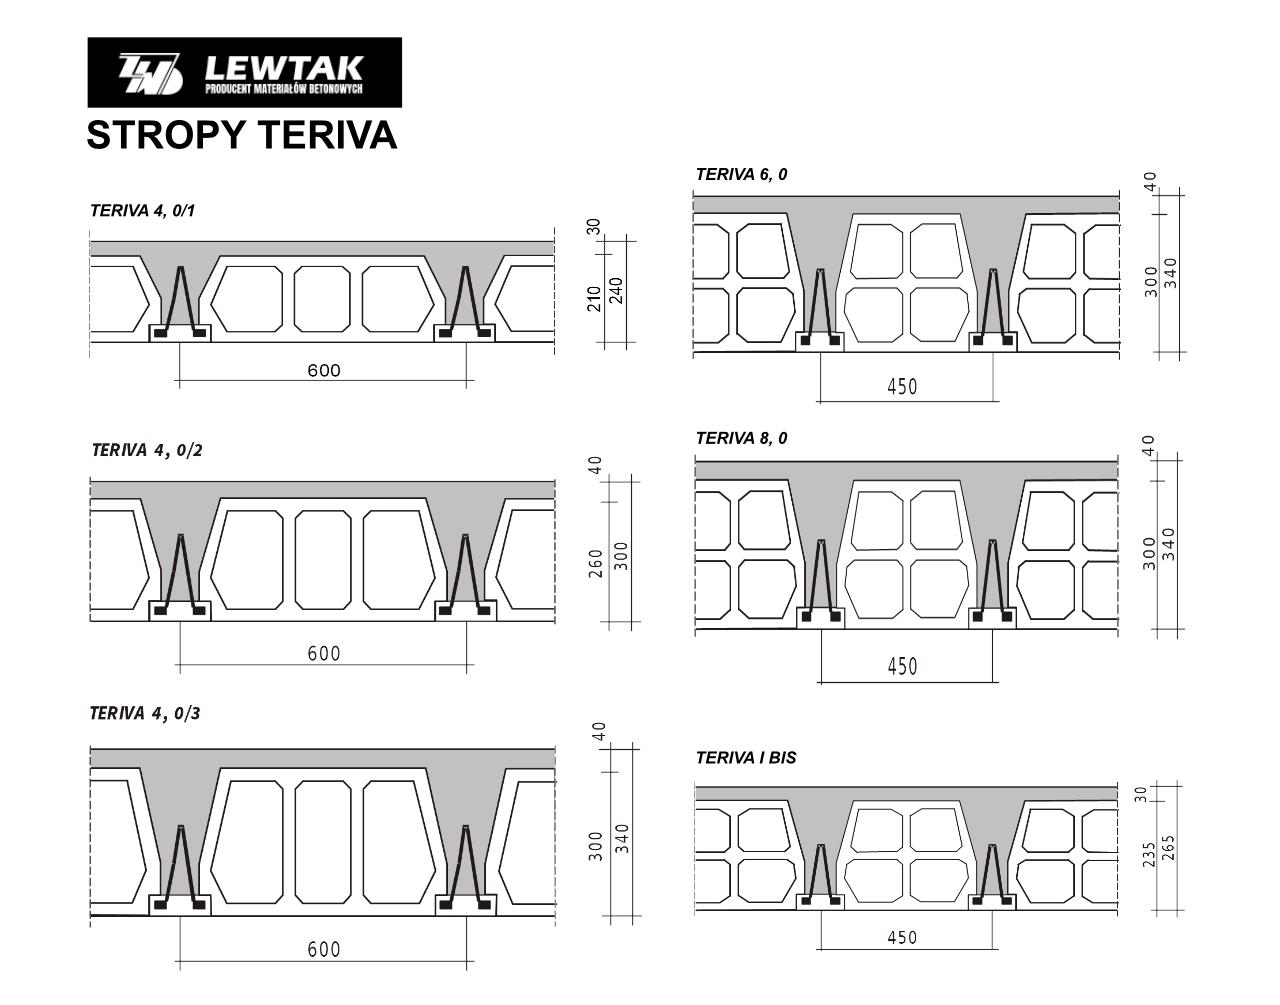 Producent stropów Teriva Lewtak. Rysunek techniczny. Stropy Teriva Lublin Lubartów Łęczna